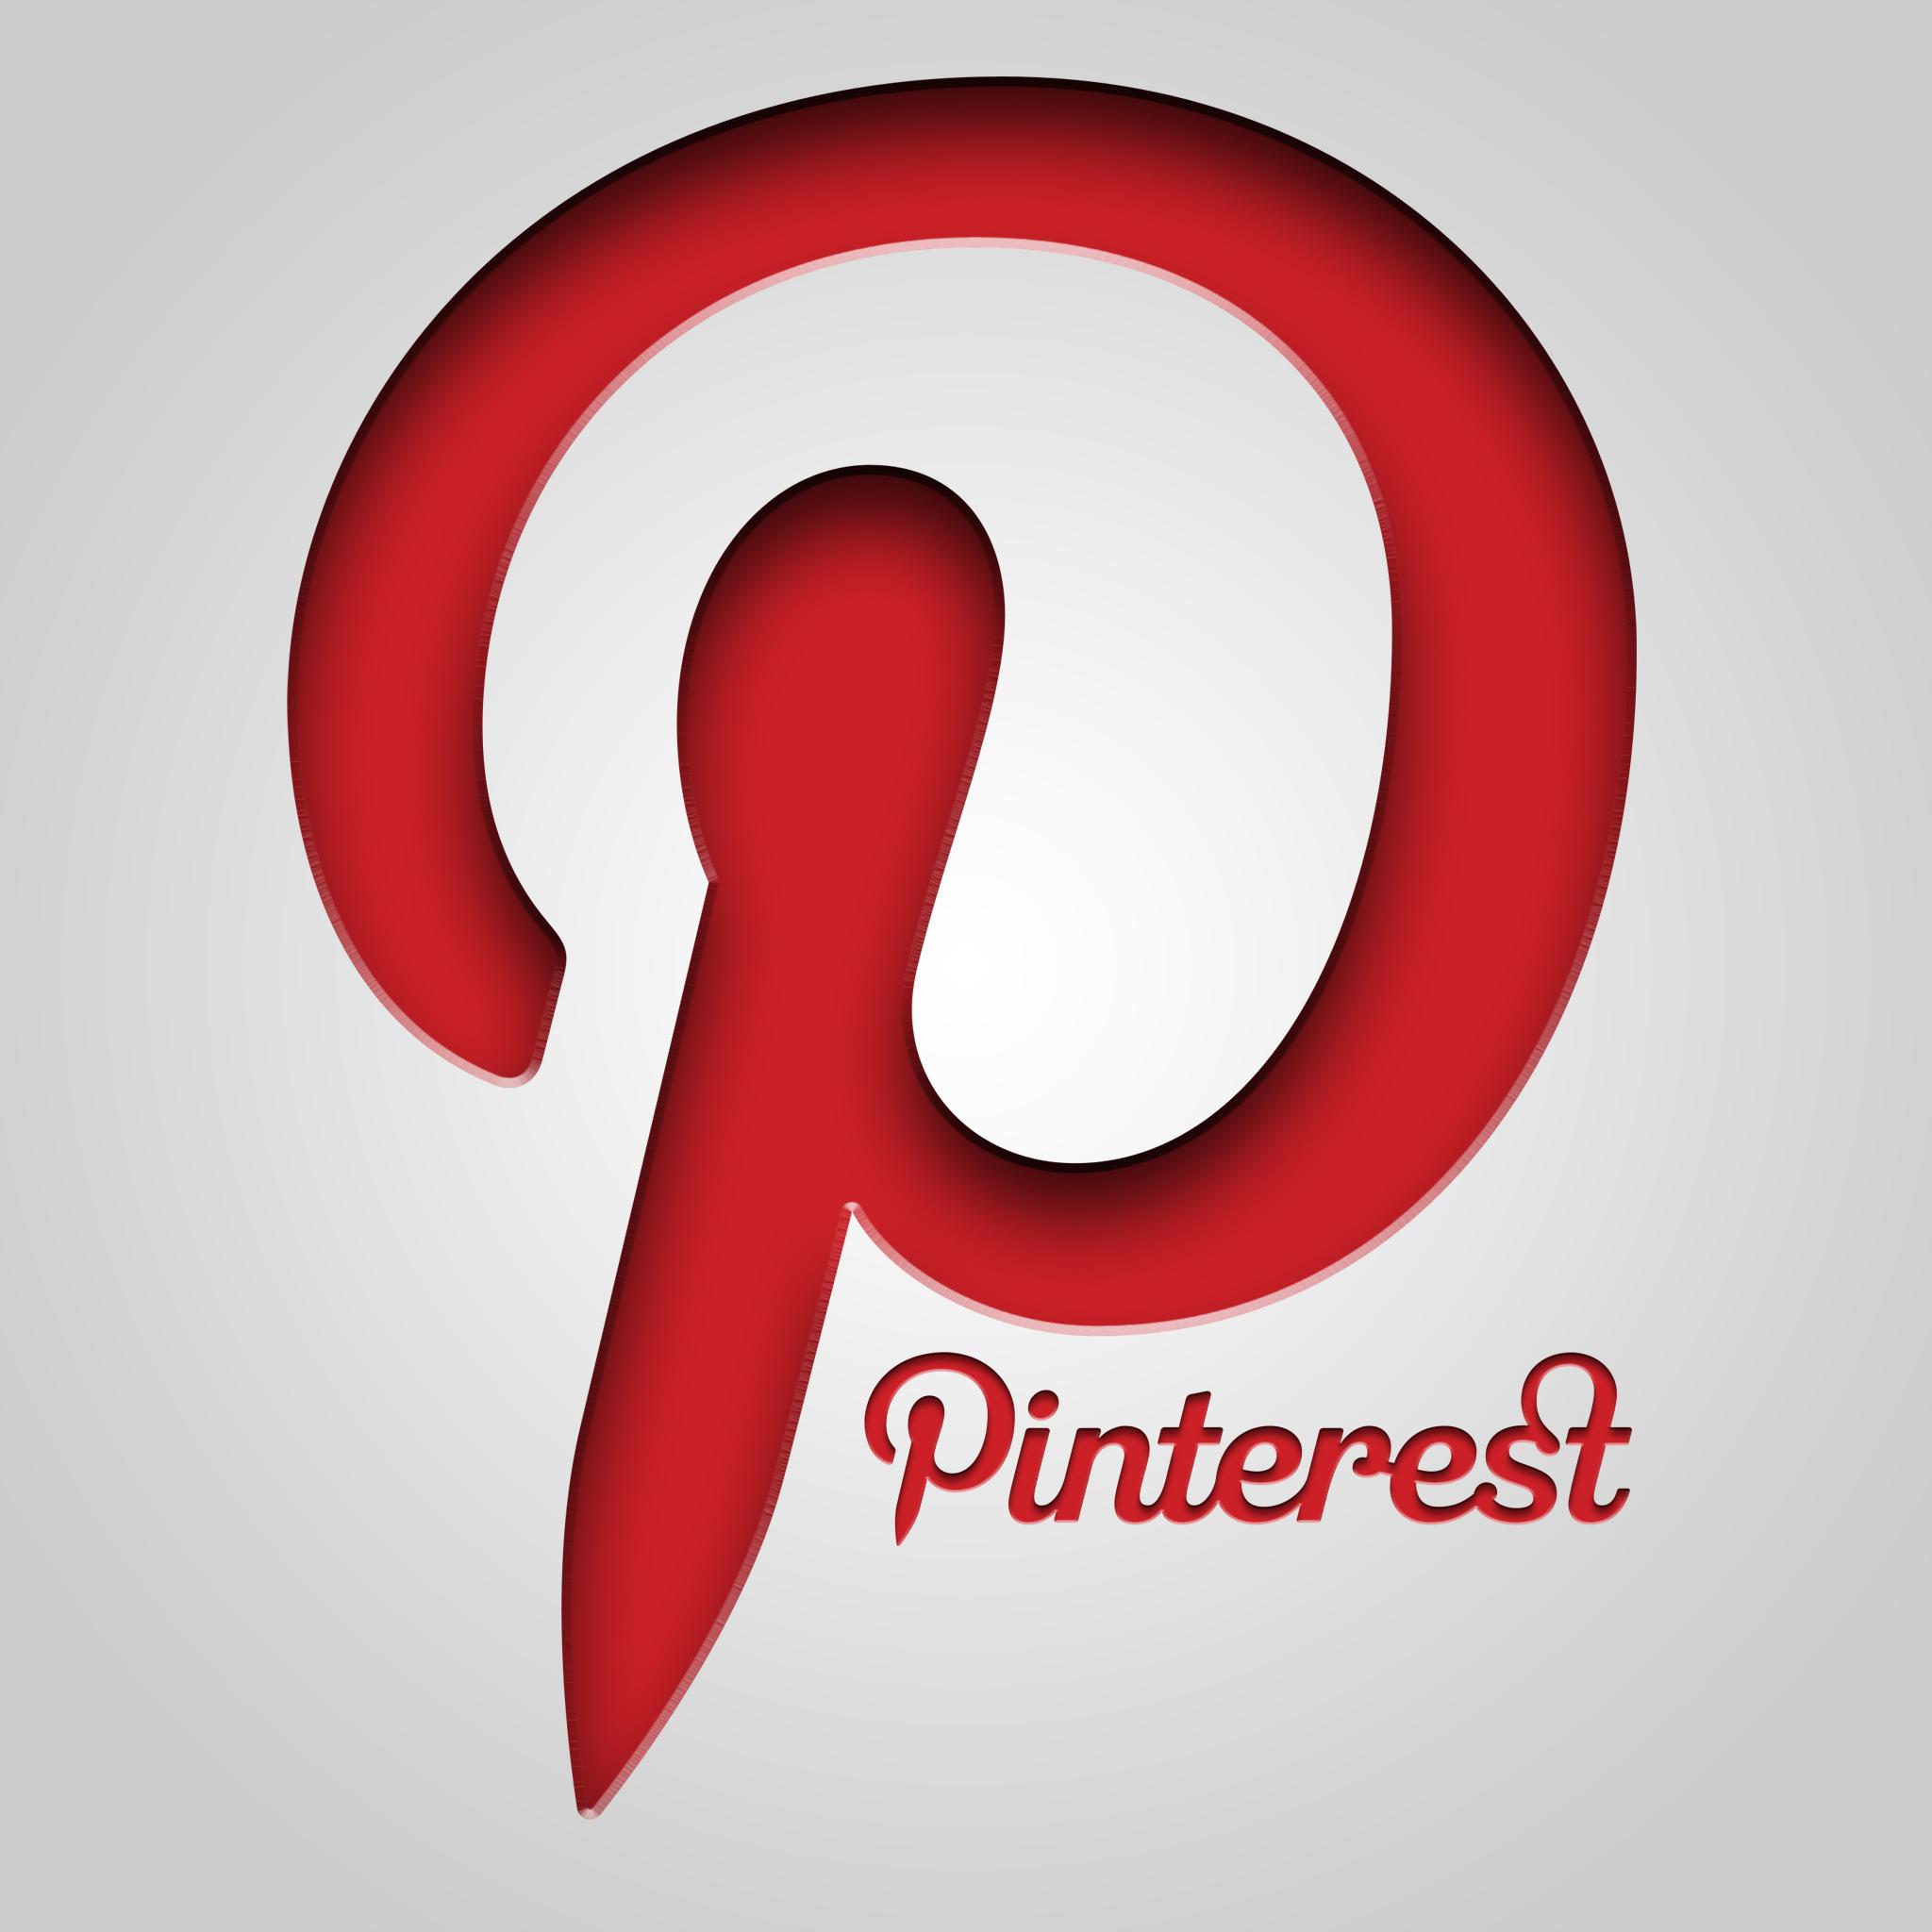 057857826 Pinterest